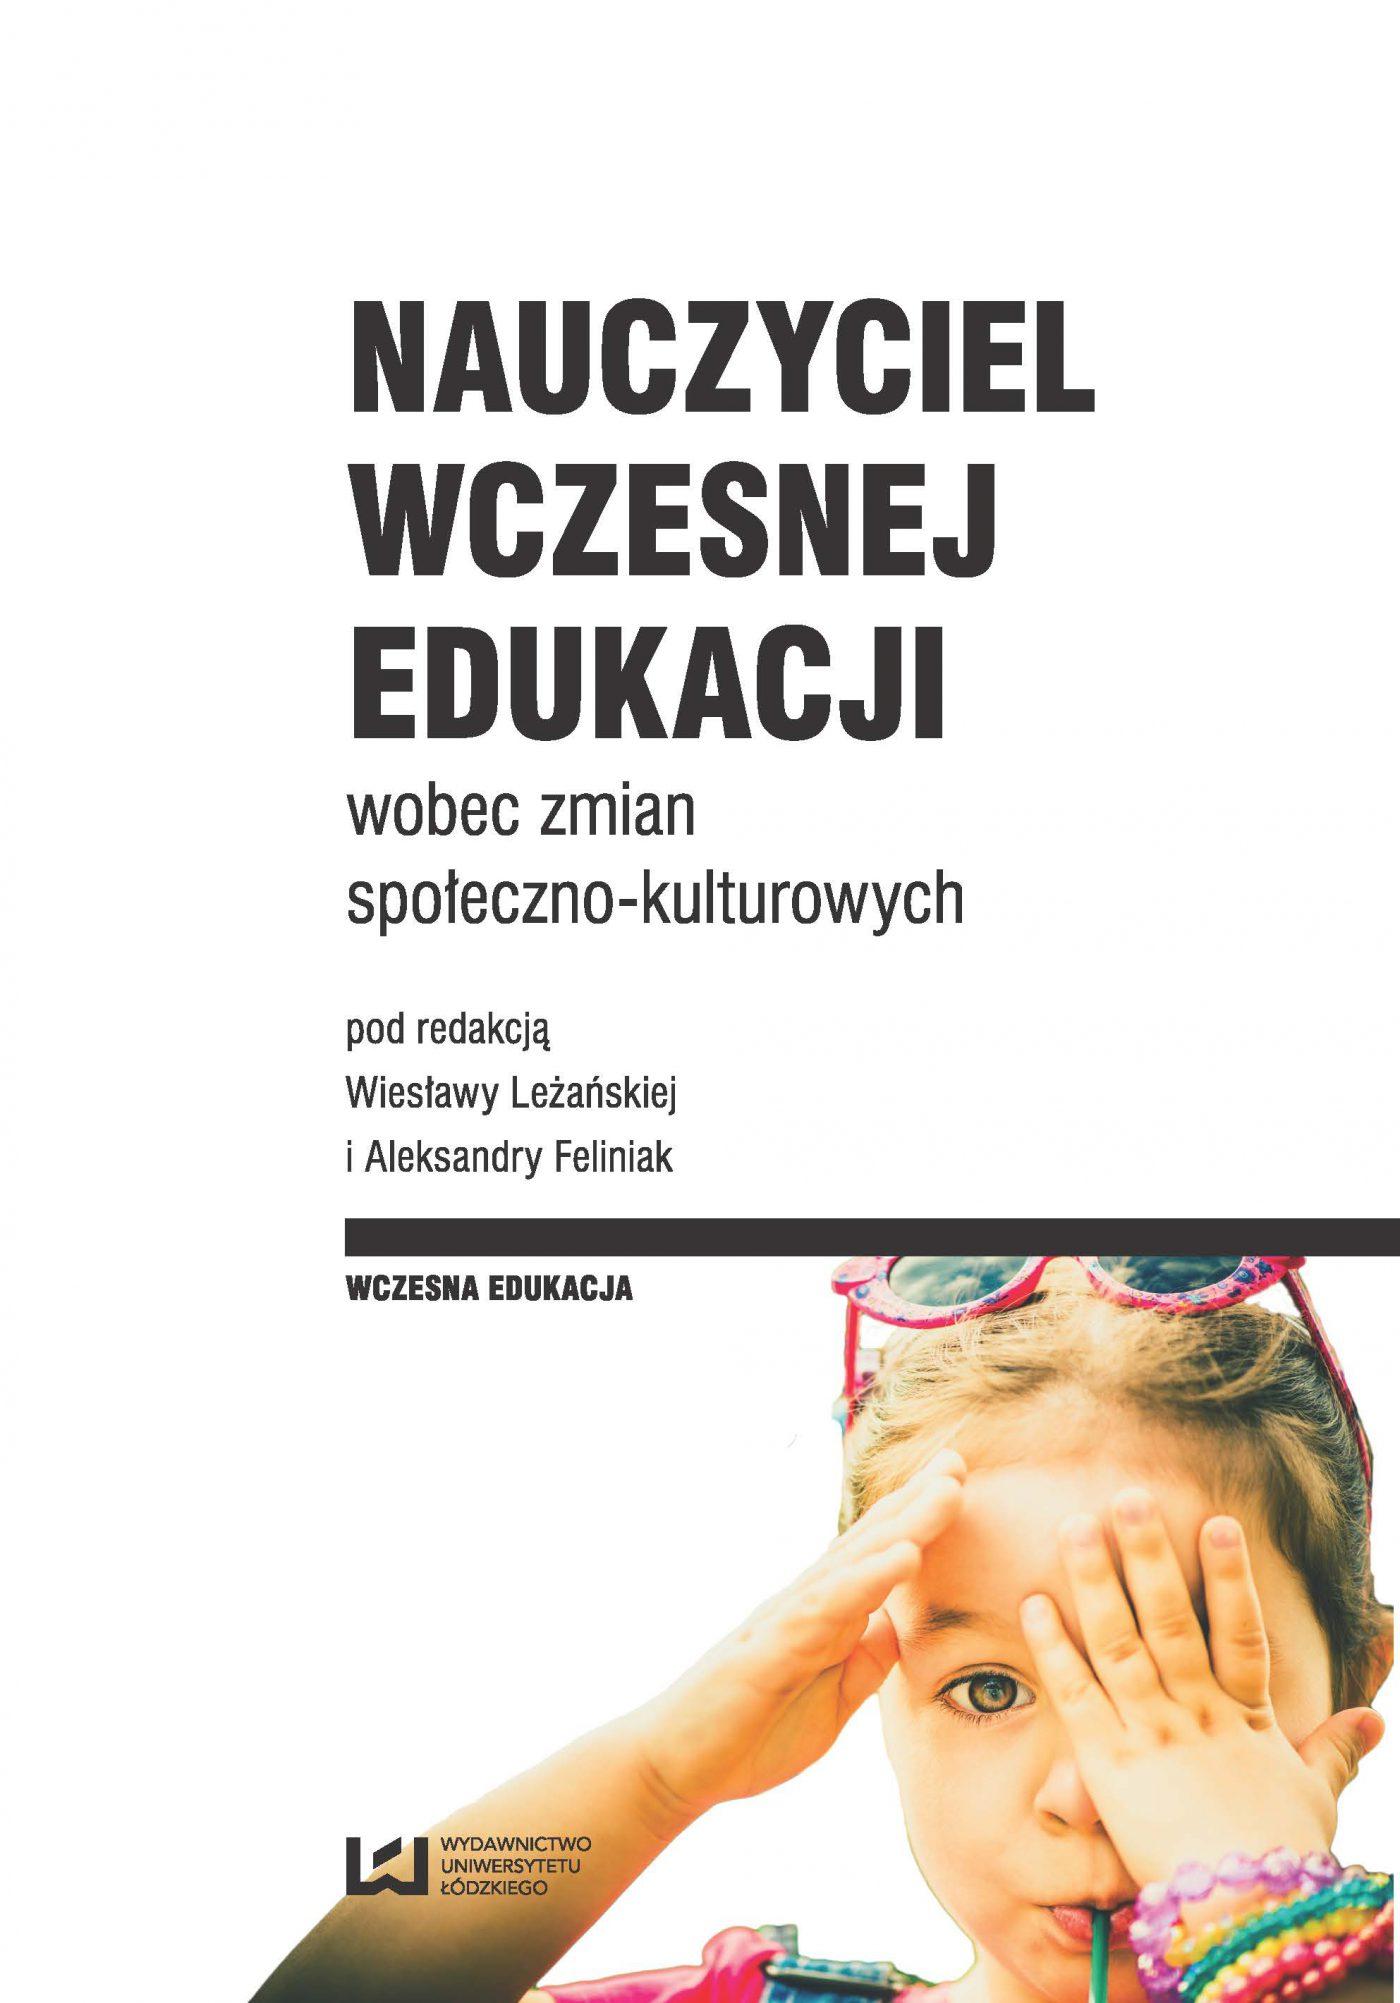 Nauczyciel wczesnej edukacji wobec zmian społeczno-kulturowych - Ebook (Książka PDF) do pobrania w formacie PDF